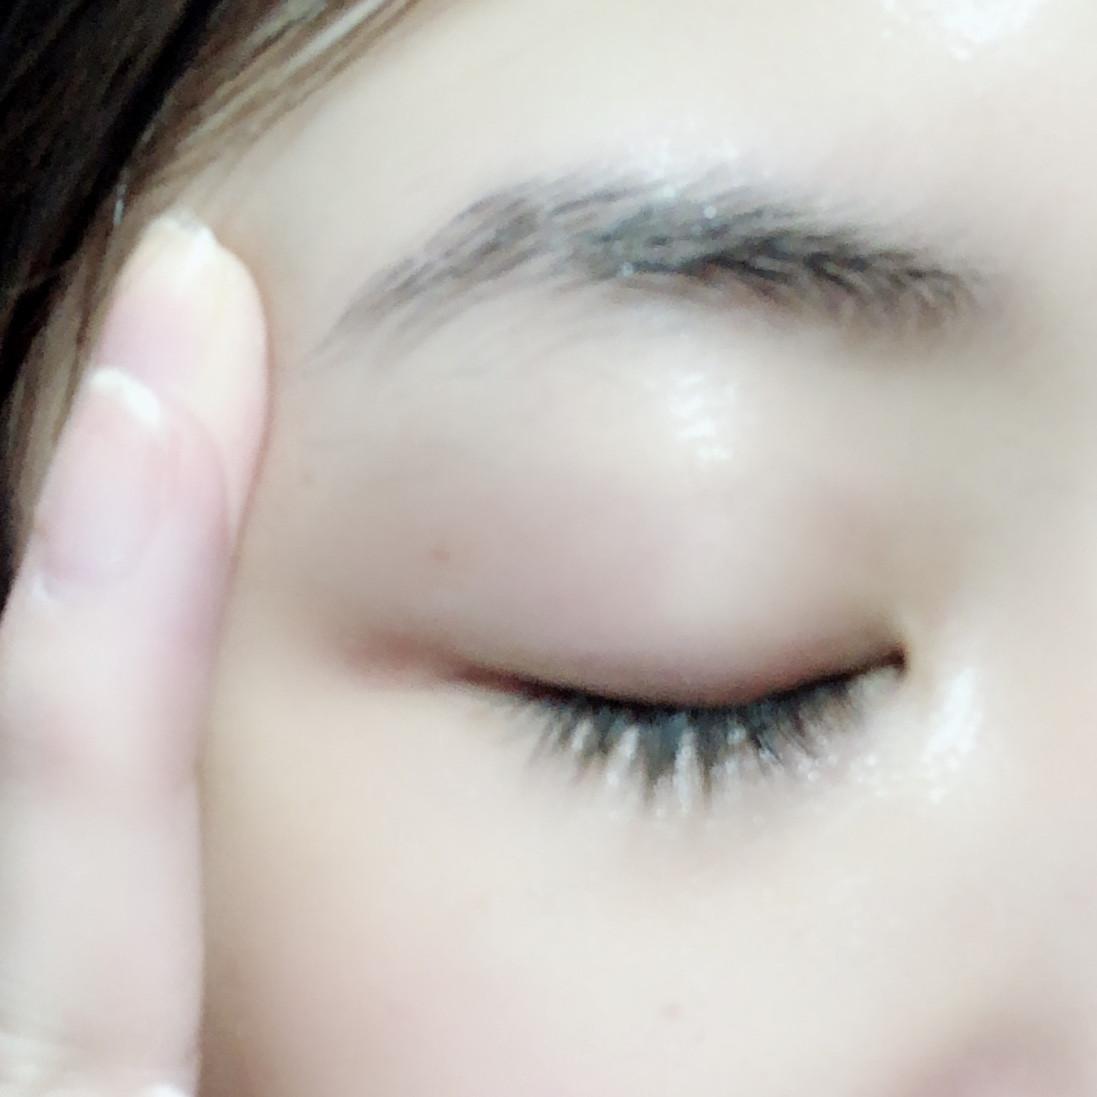 【アイクリーム】目もとの潤いが1日中つづく♩ベスト・オブ・ベスト「B.A アイゾーンクリーム」_1_4